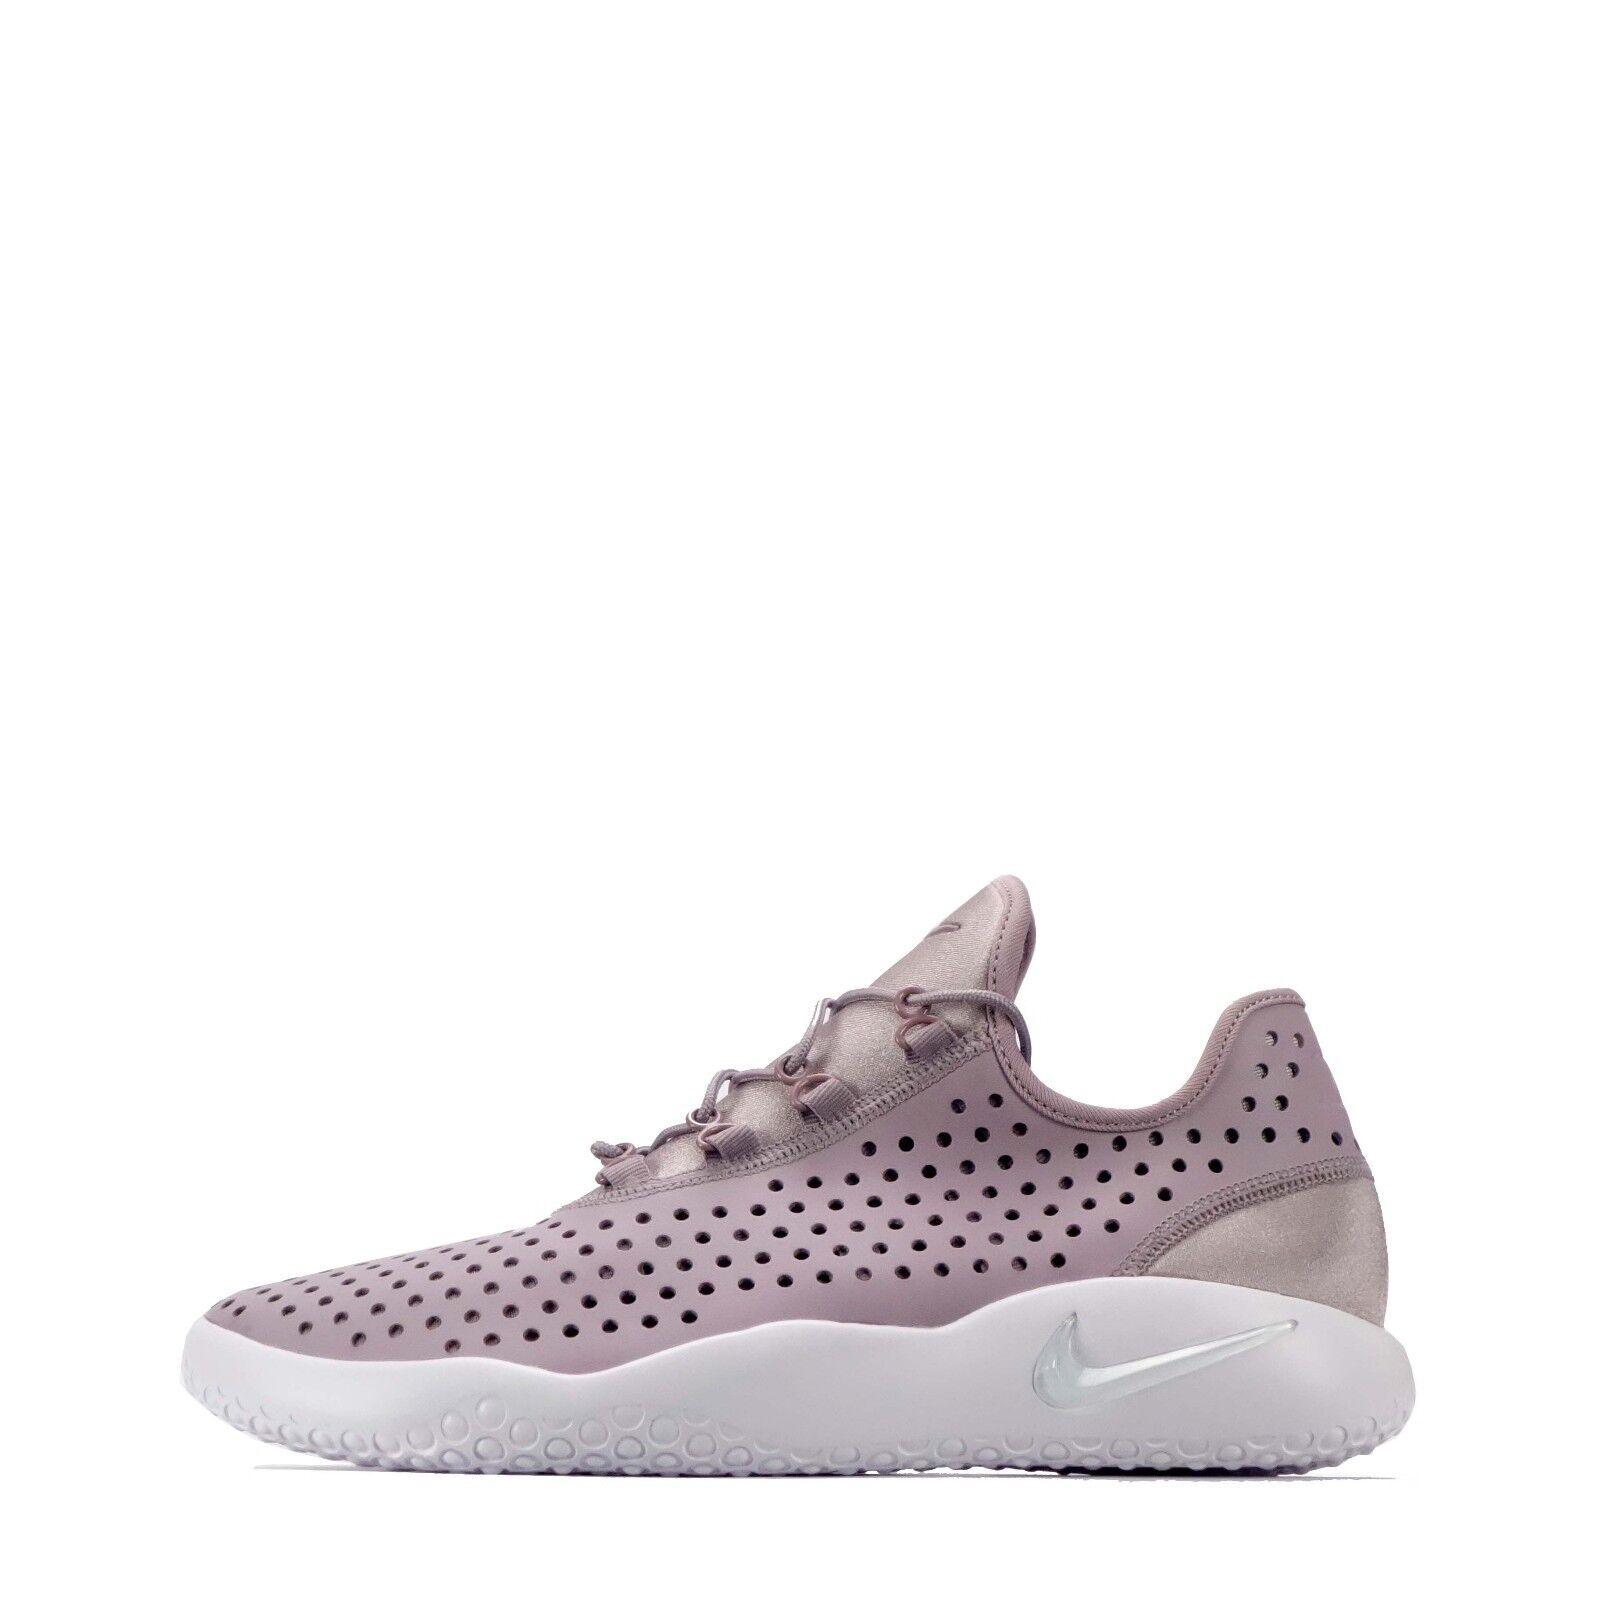 Nike líquidas Ruda Hombre Informal Caña Caña Caña Baja Zapatillas Ciruela Niebla/blanco db7816